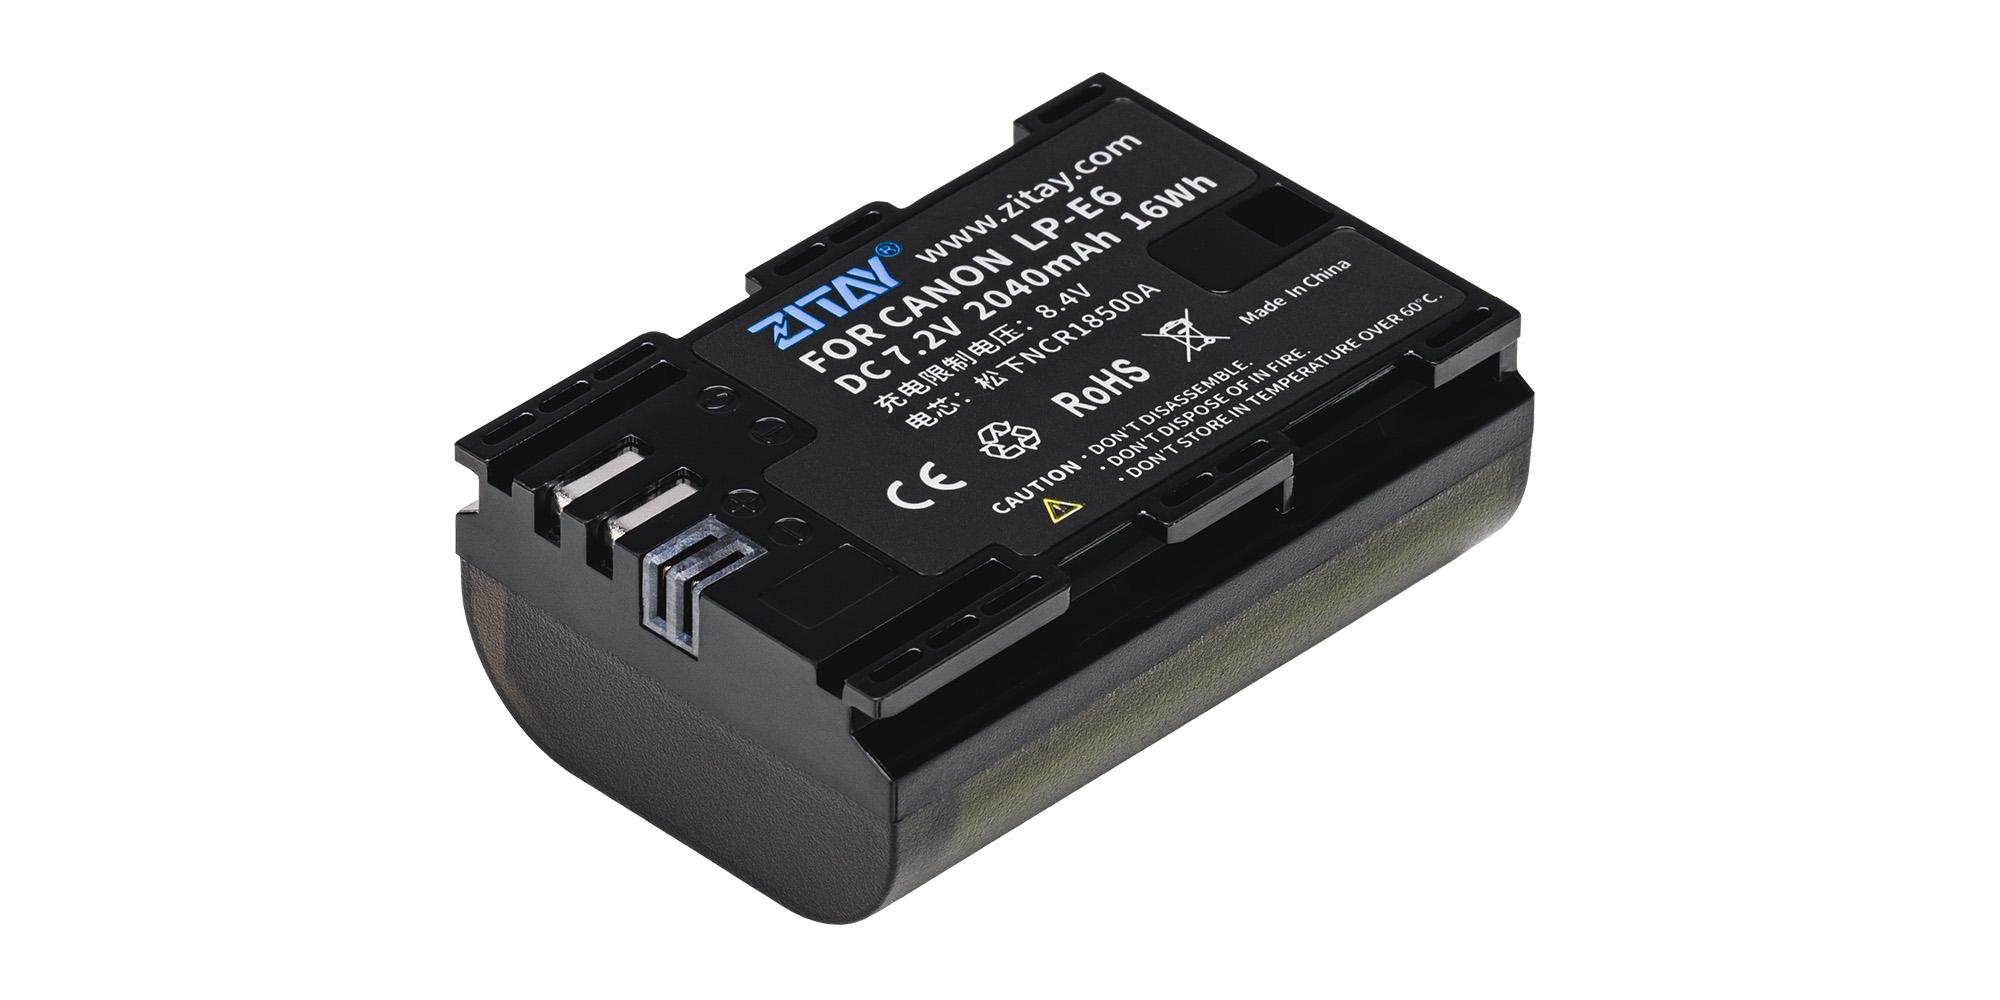 Akumulator Zitay zamiennik LP-E6 - Długi czas pracy